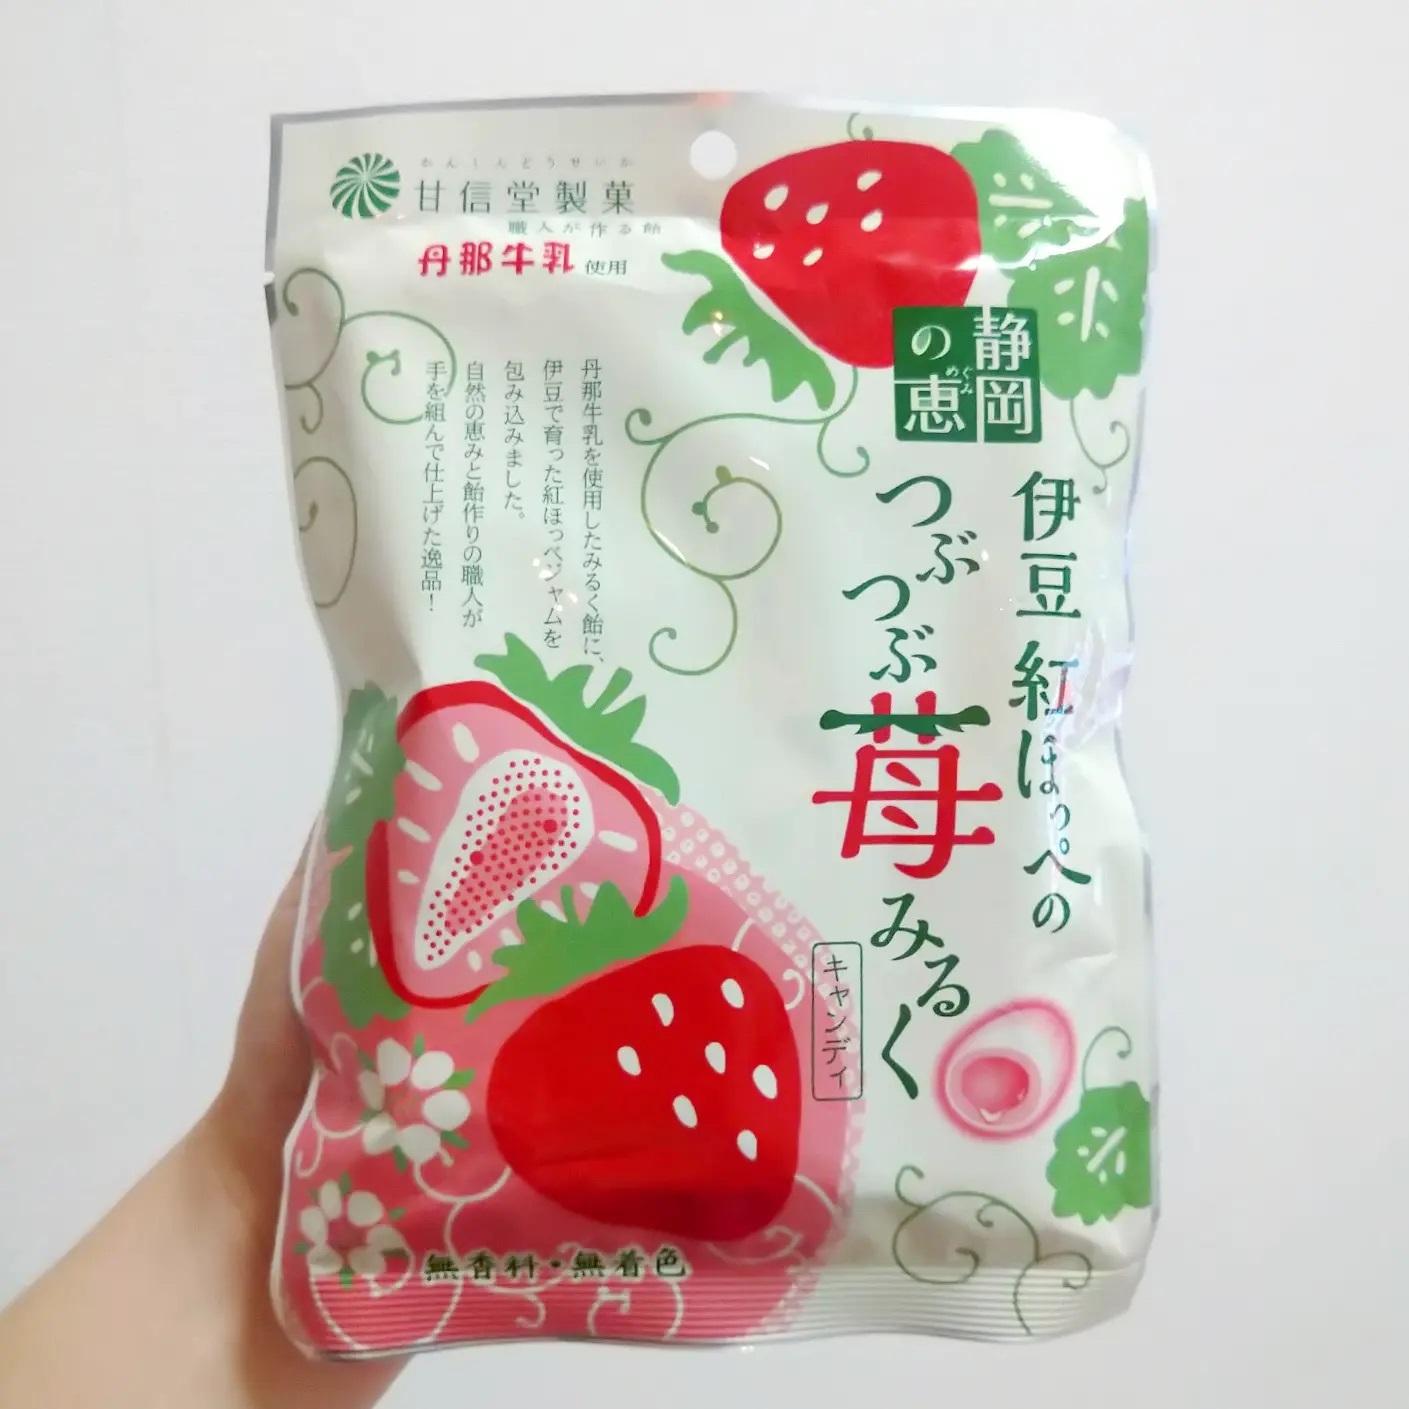 #いちごミルクラブ #甘信堂製菓 #伊豆紅ほっぺのつぶつぶ苺みるく 謎イチゴ系-☆---本物イチゴ系甘さ強め系--☆--控え目系こってり系-☆---さっぱり系超ミルク系-☆---生クリーム系おもいで度--☆-- #侍猫度ミルク飴にイチゴジャムが入ったやつ。酸味無い苺にミルクで好みのやつ。無香料、無着色でこだわってるやつやね。スーパーで買ったやつだったかな?#いちごオレ #いちごオレ味 #いちごミルク #いちごミルクみたい #いちご牛乳 #いちご牛乳味 #イチゴ牛乳 #いちご牛乳クラブ #苺牛乳 #苺牛乳が好き #苺ミルク #苺スイーツ #苺 #苺好きに生まれたからには #メソギア派 #糖分 #いちごミルク味 #スイーツ #スイーツ好き #スイーツスタグラム #スイーツタイム #スイーツ写真 #strawberry #strawberrymilk